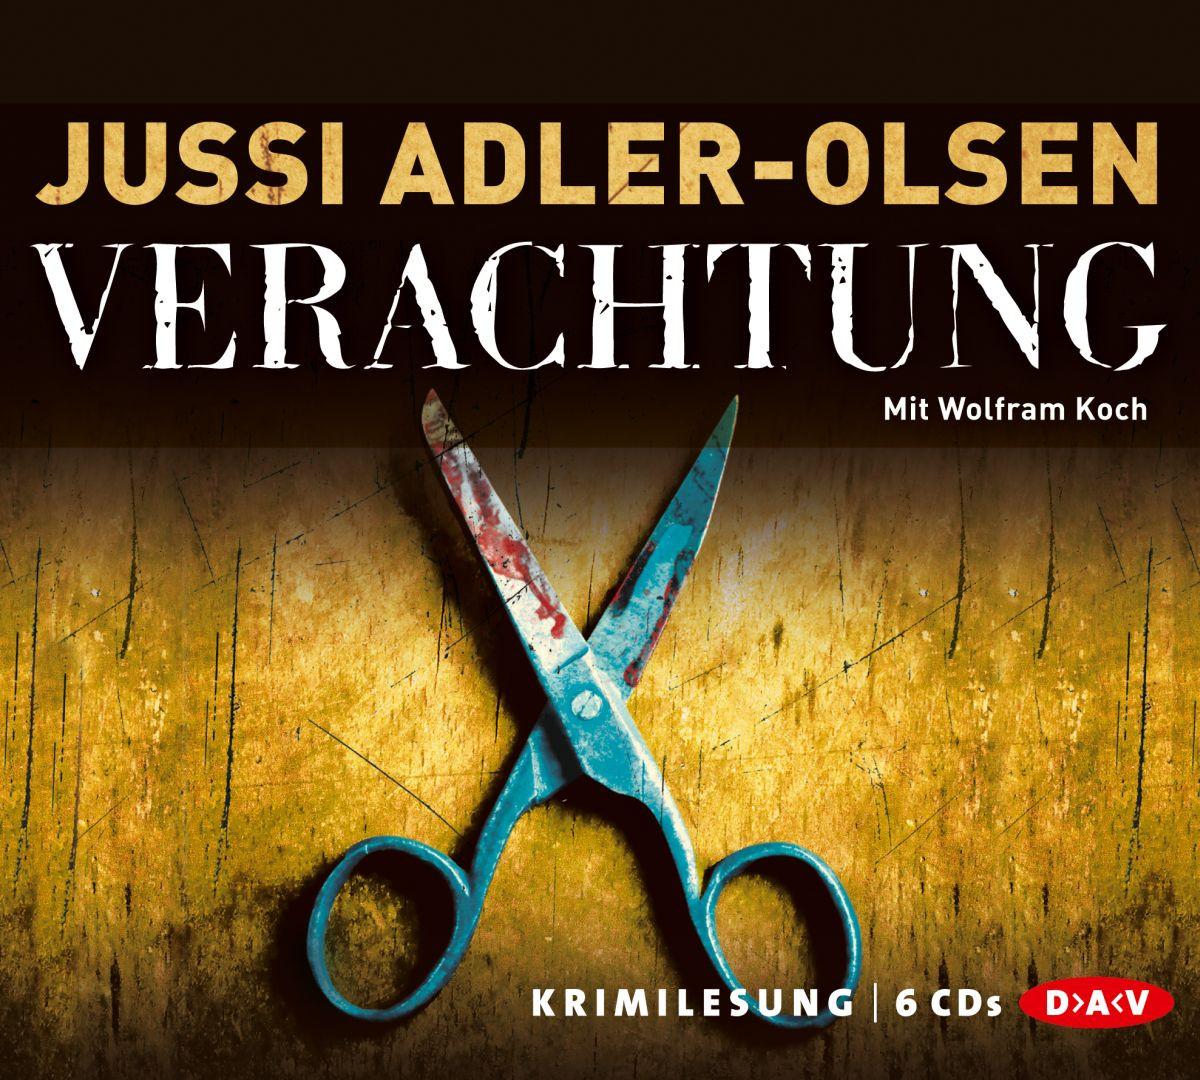 Jussi Adler-Olsen - Verachtung